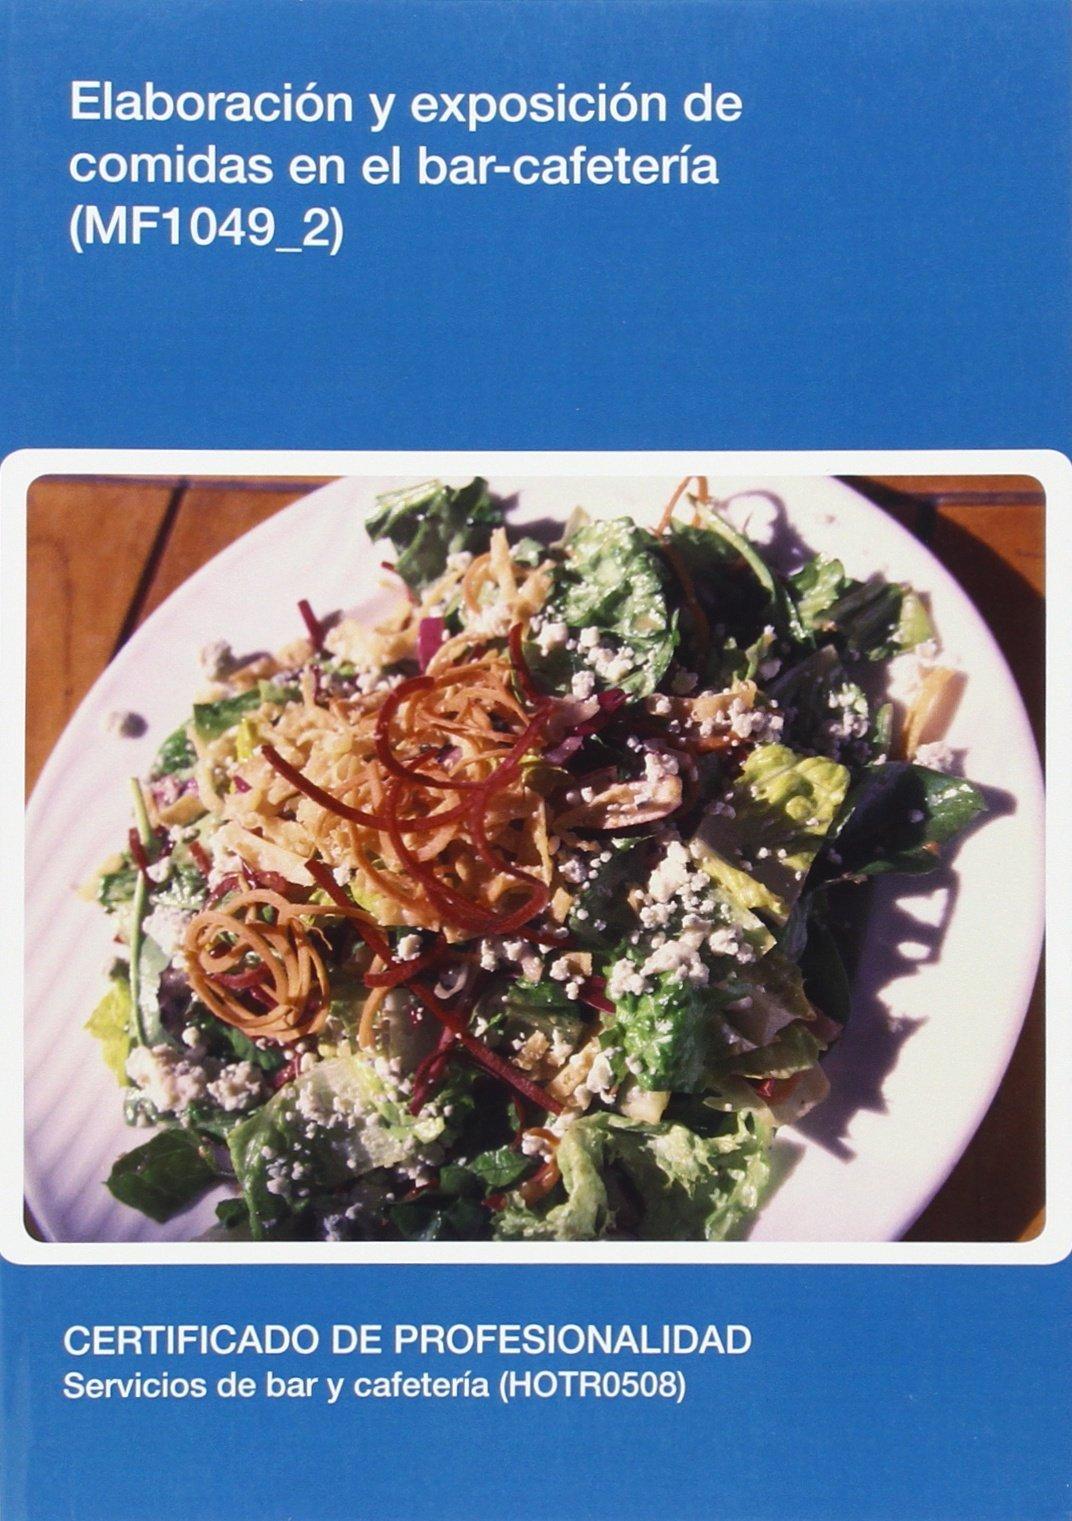 MF1049_2 Elaboración y exposición de comidas en el bar ...